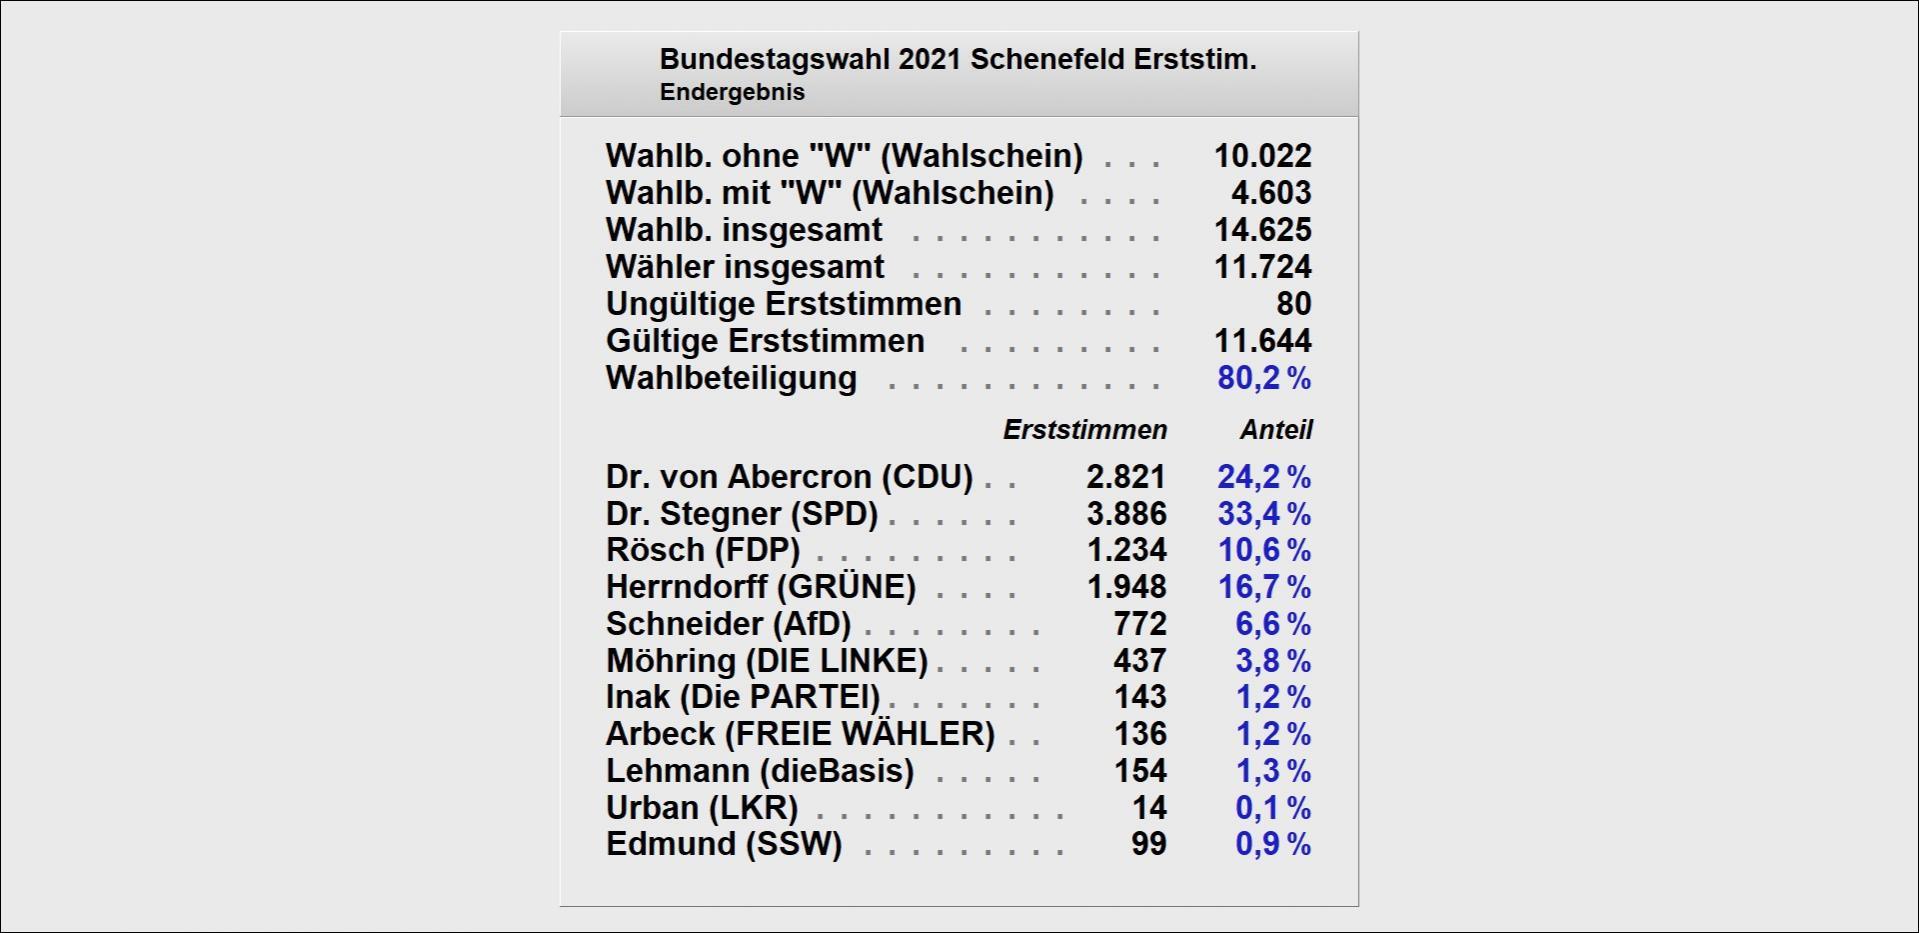 Bundestagswahl 2021 - Erst-Zahlen